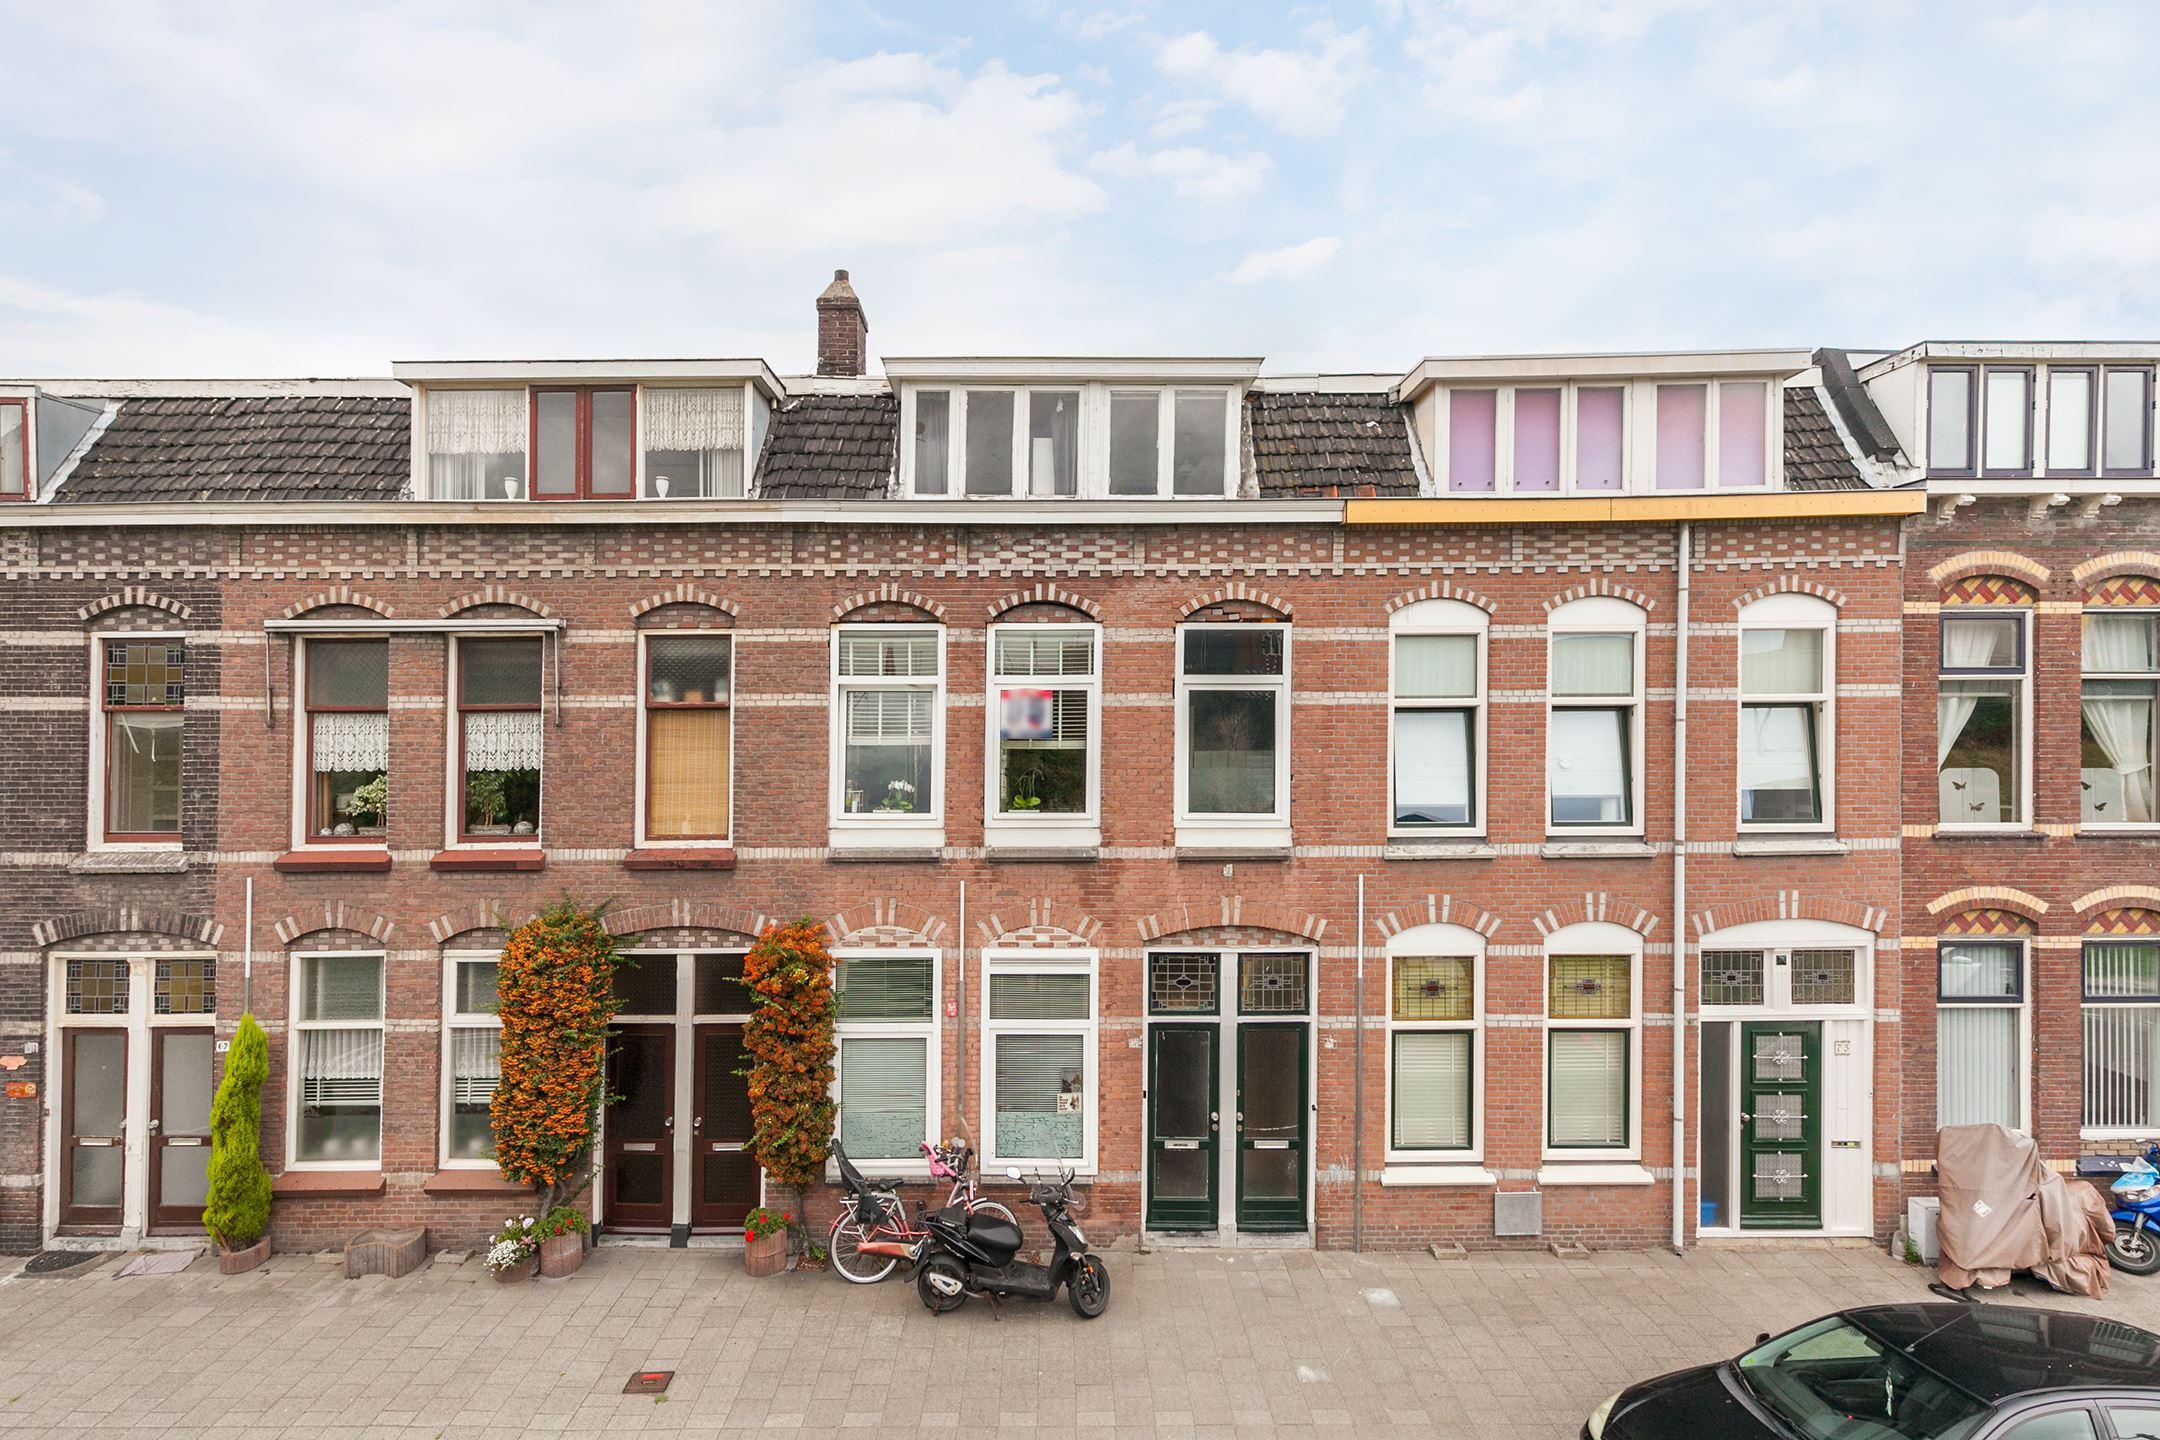 House for sale: spoorsingel 71 3134 xs vlaardingen [funda]